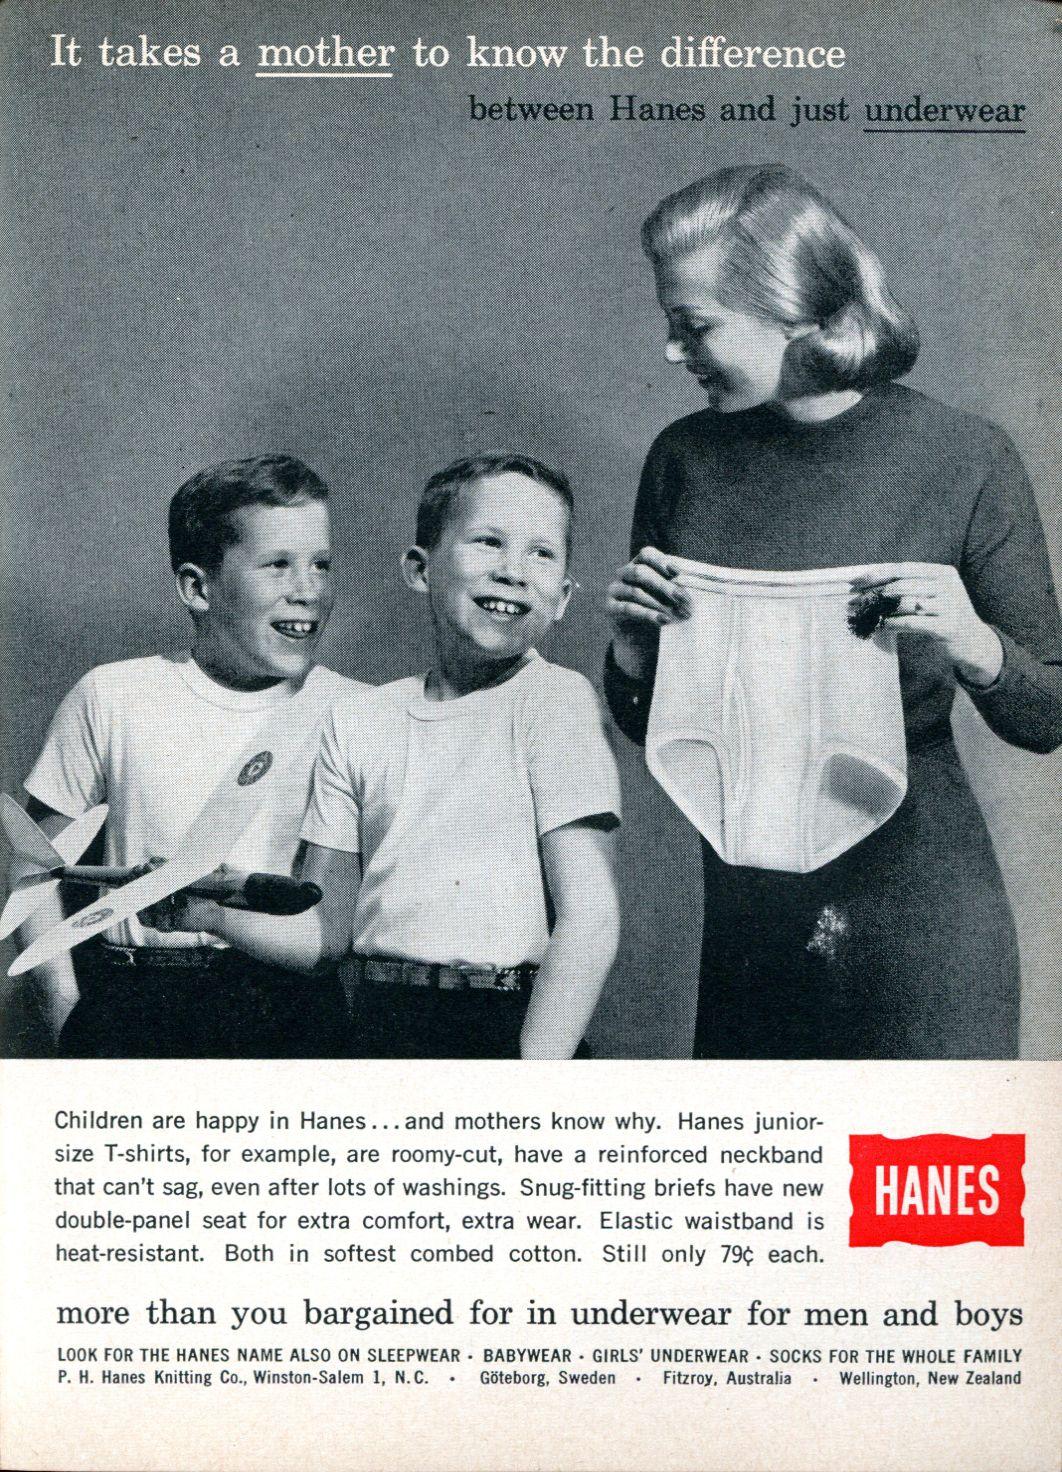 Hanes, 1960 ad.